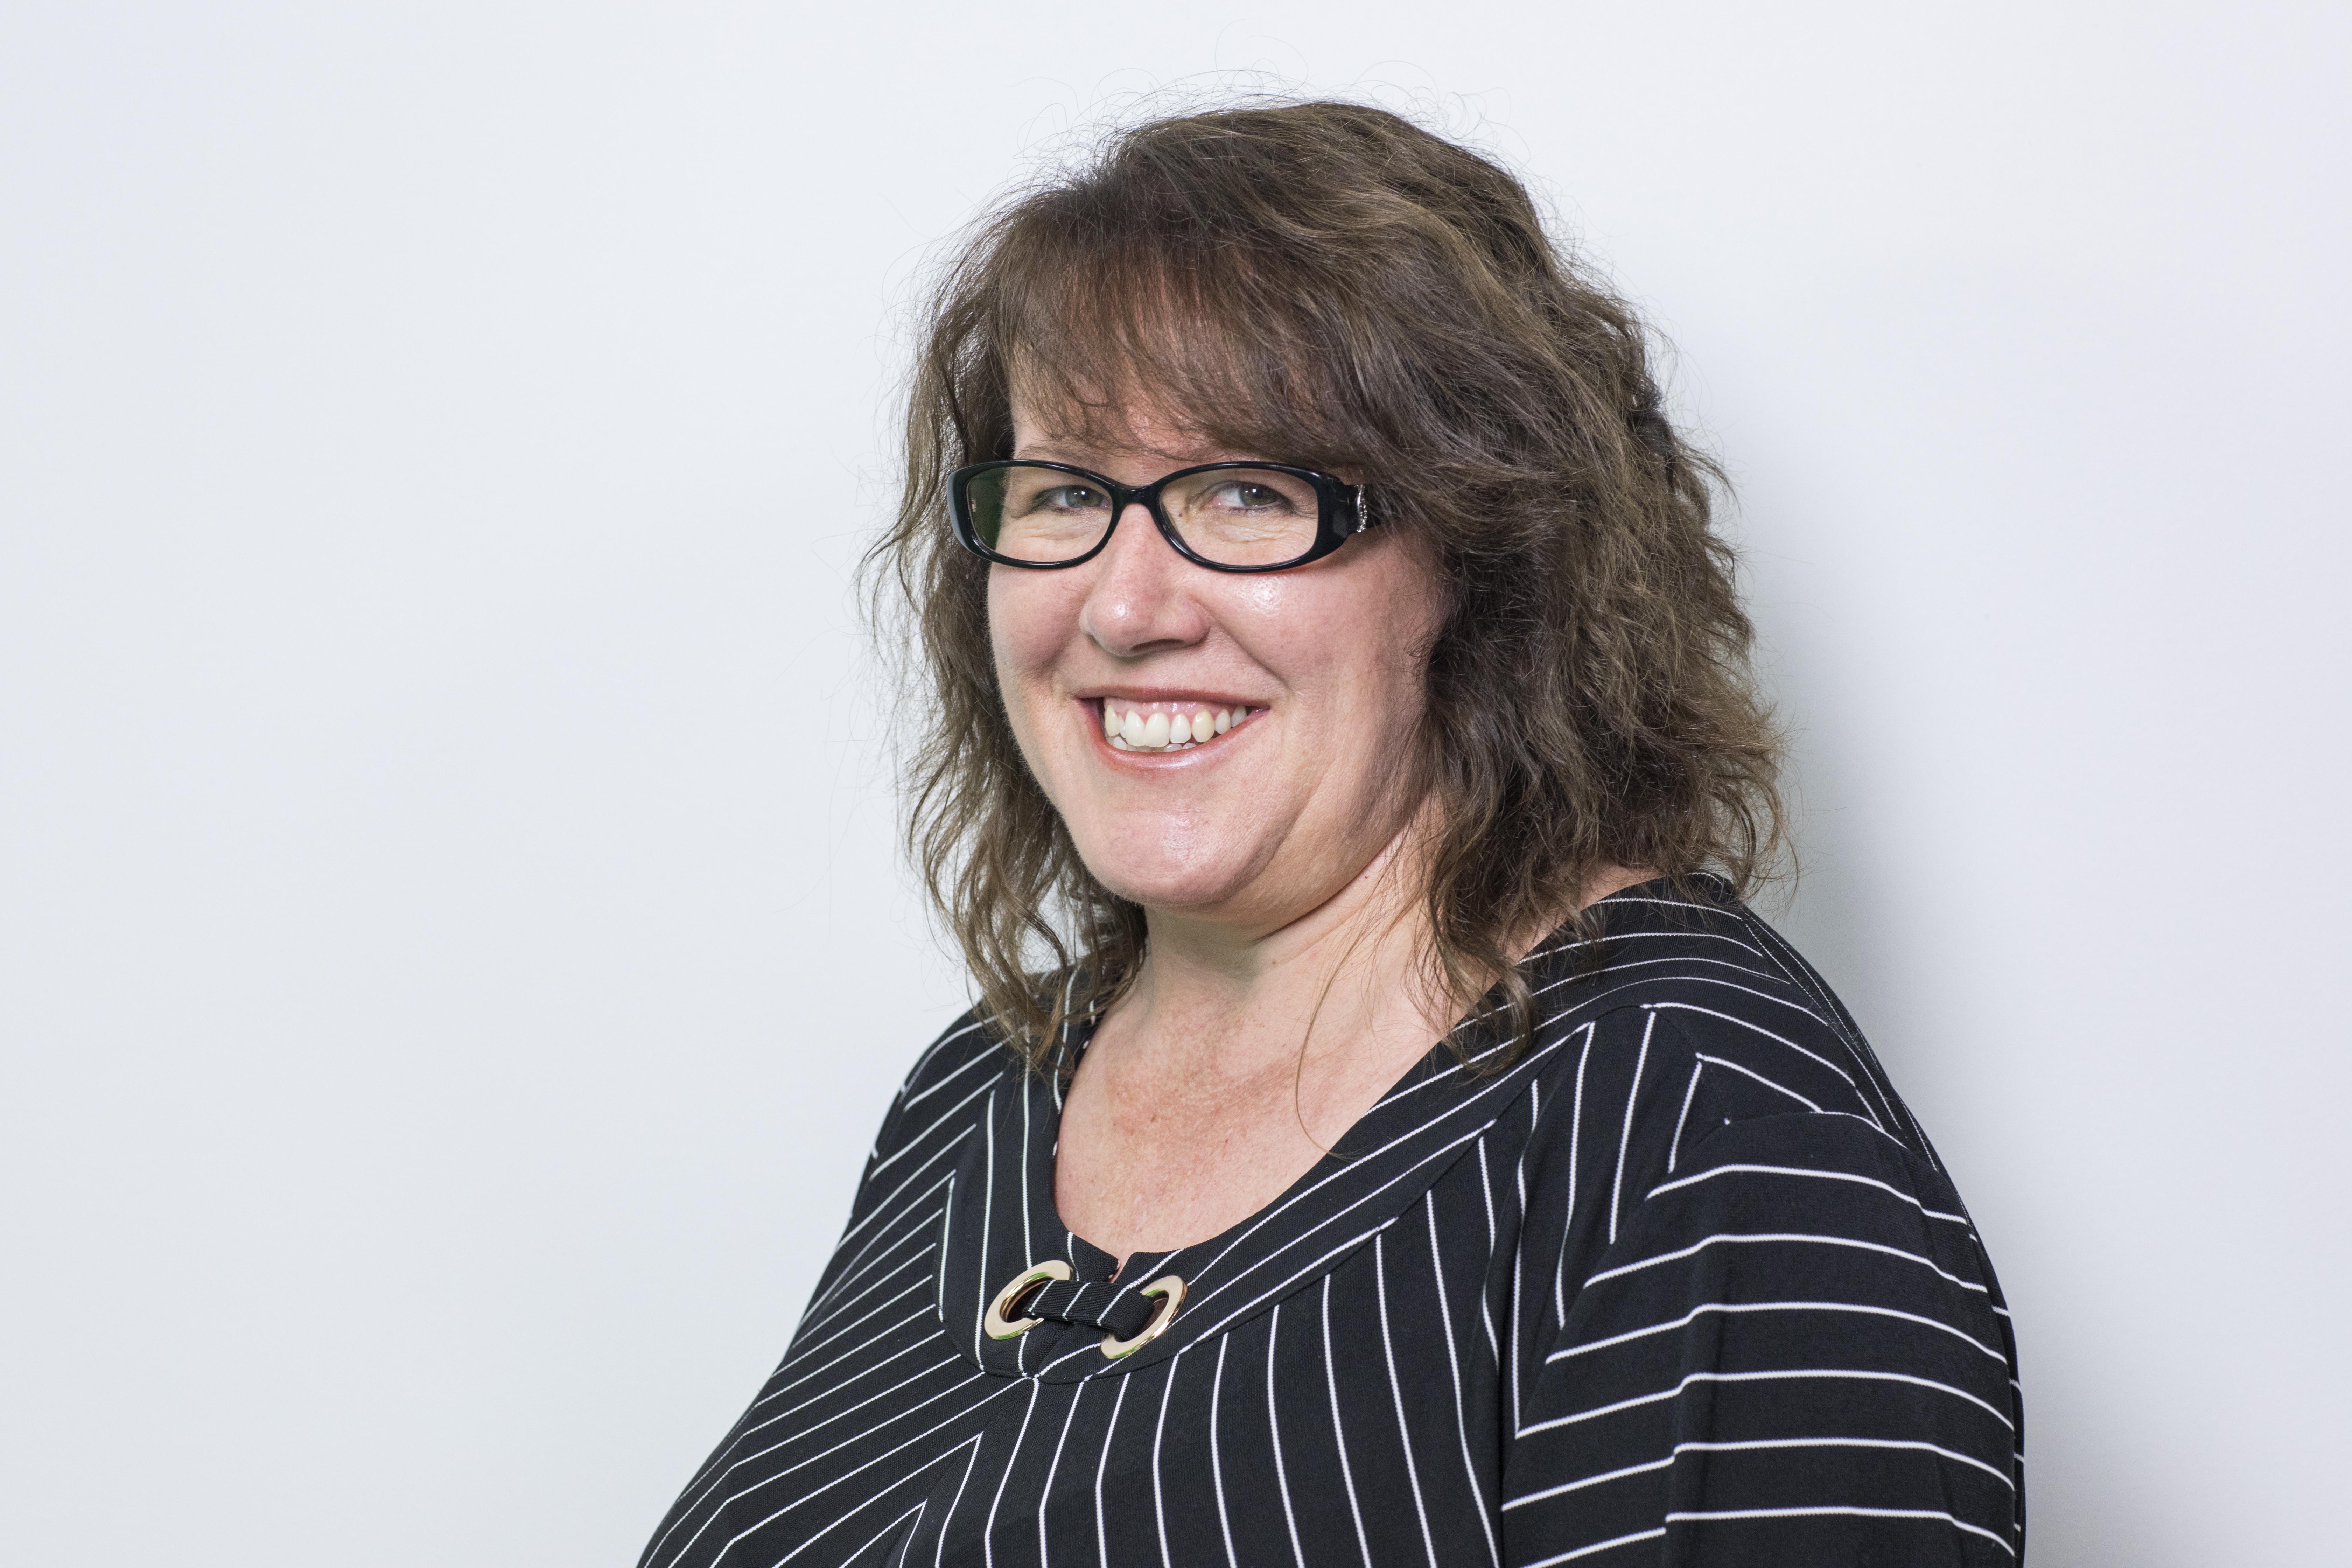 Pam Pedder